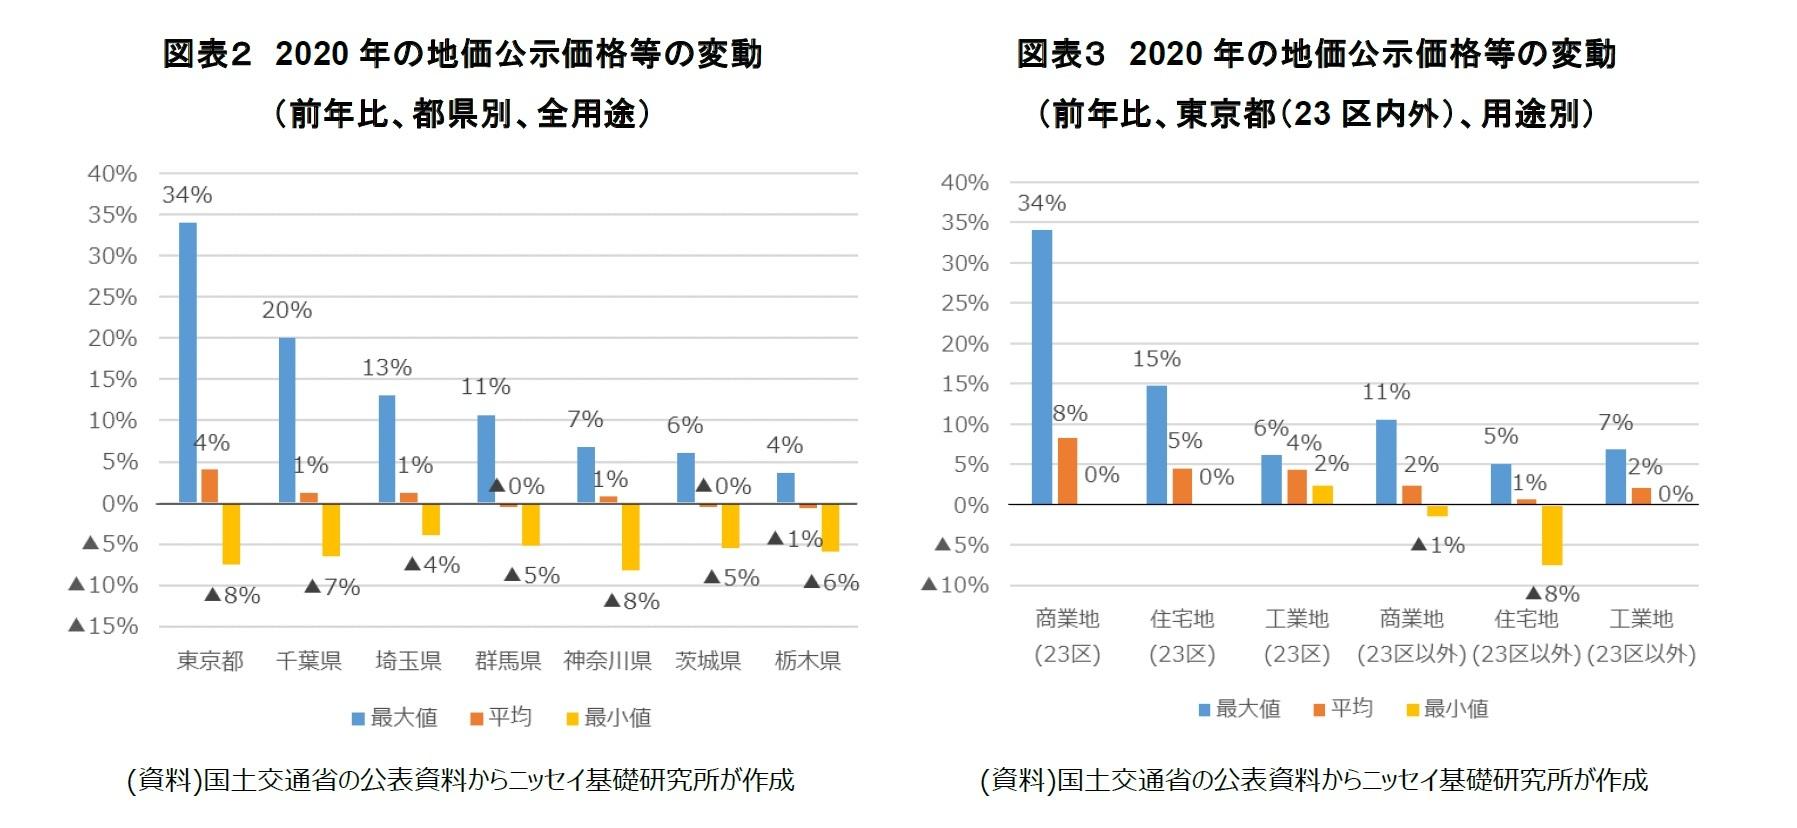 図表2 2020 年の地価公示価格等の変動(前年比、都県別、全用途)/図表3 2020 年の地価公示価格等の変動(前年比、東京都(23 区内外)、用途別)